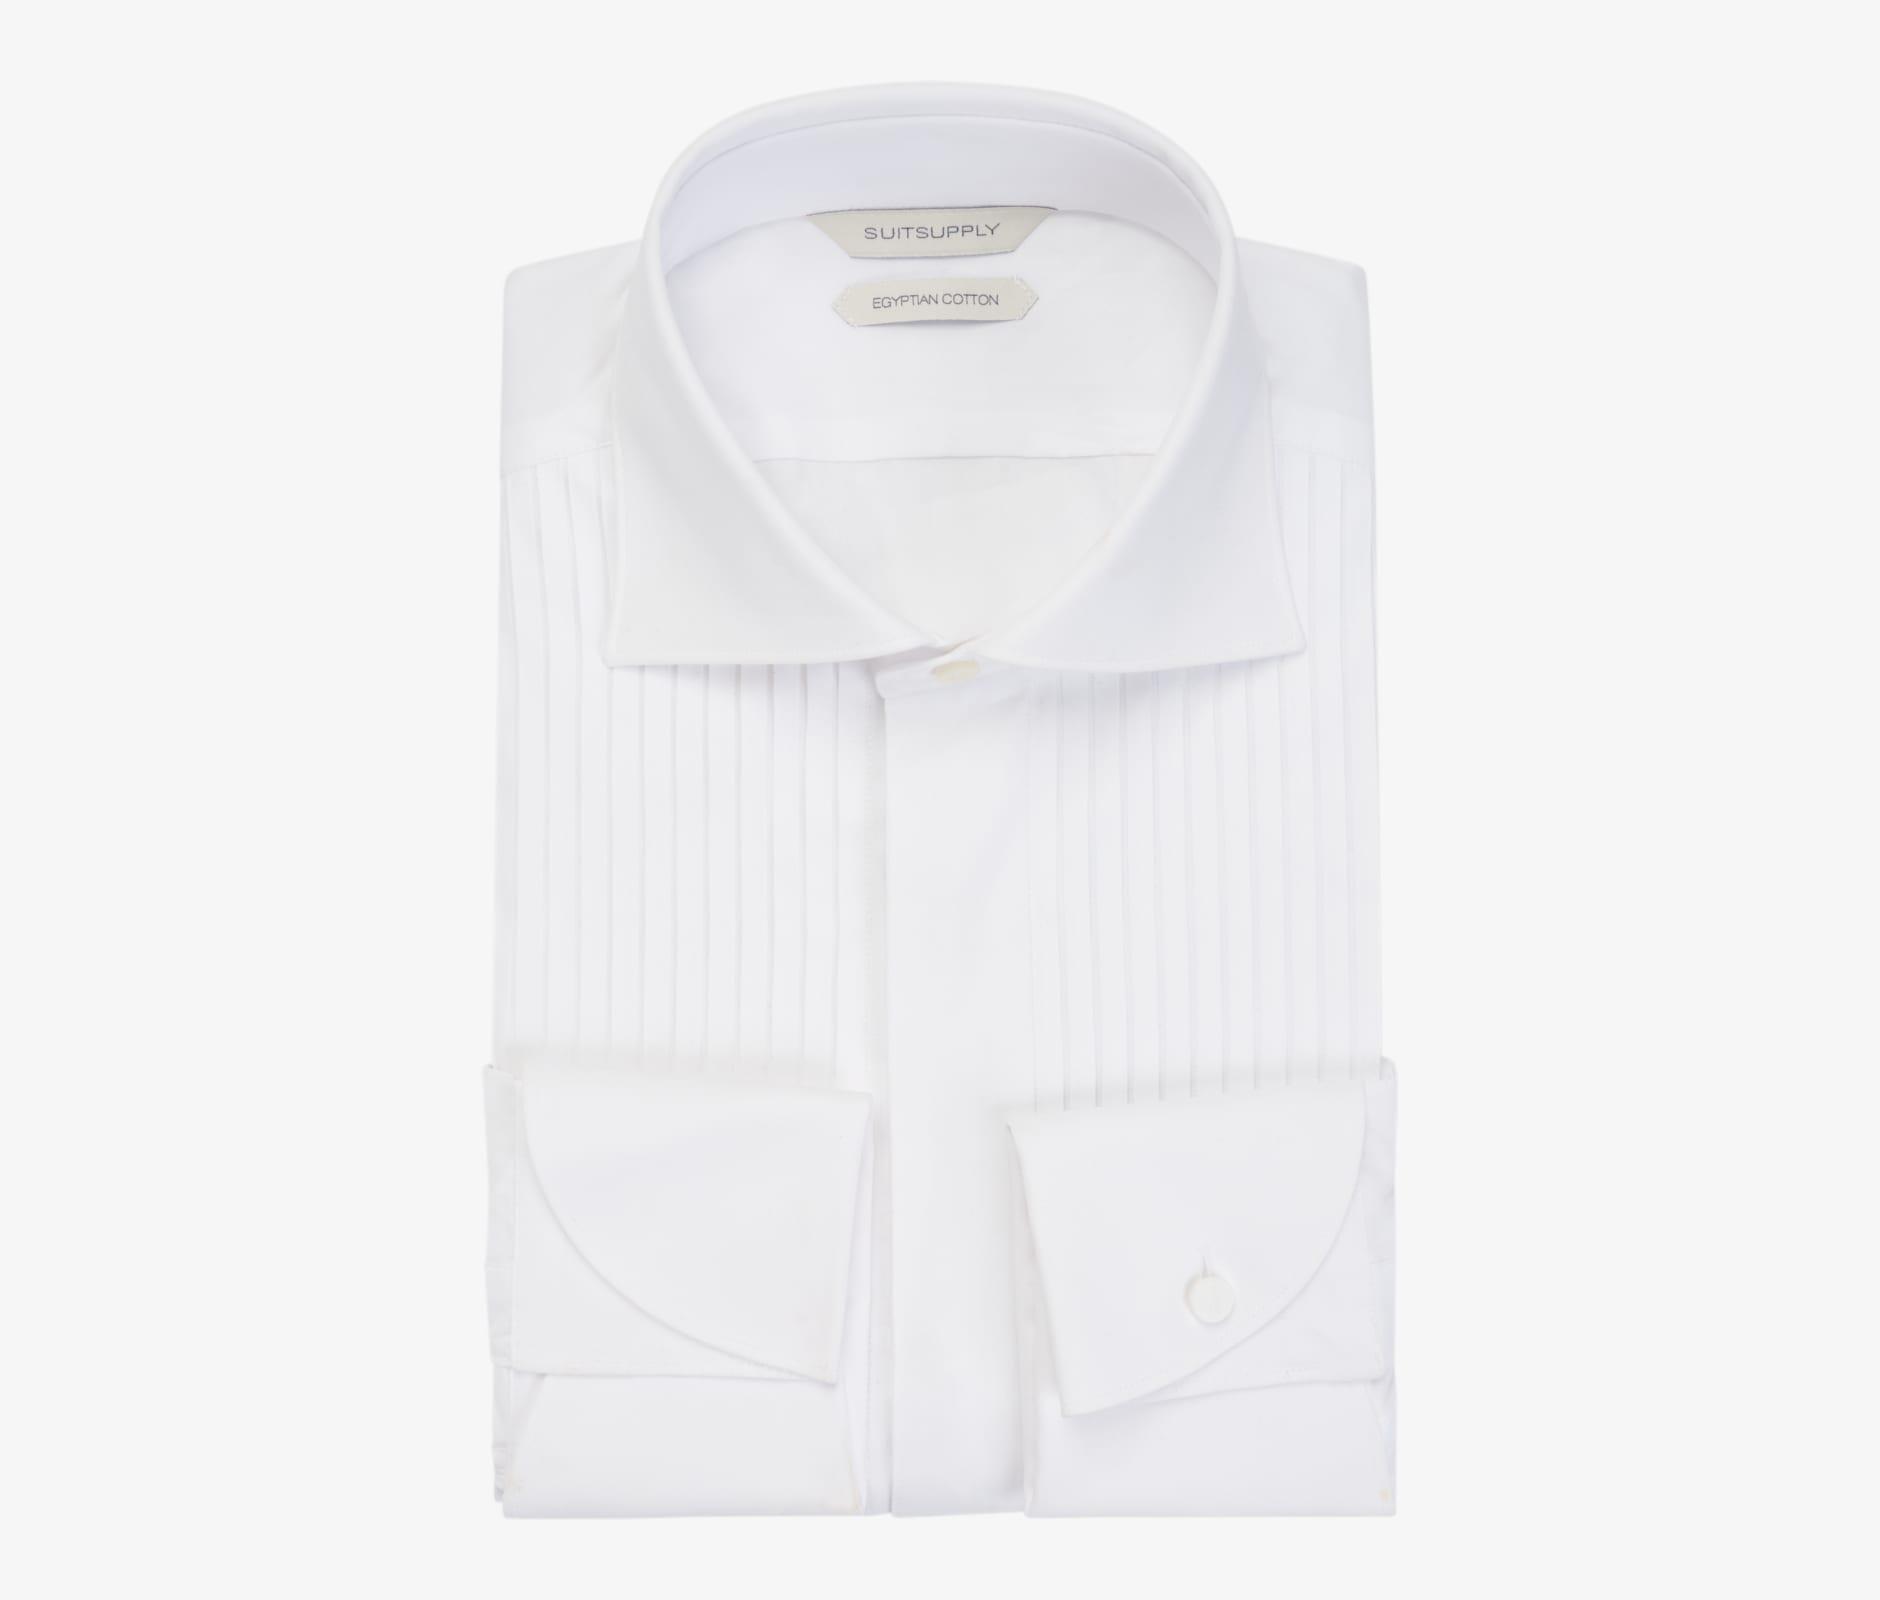 White_Tuxedo_Shirt_Double_Cuff_H5997U